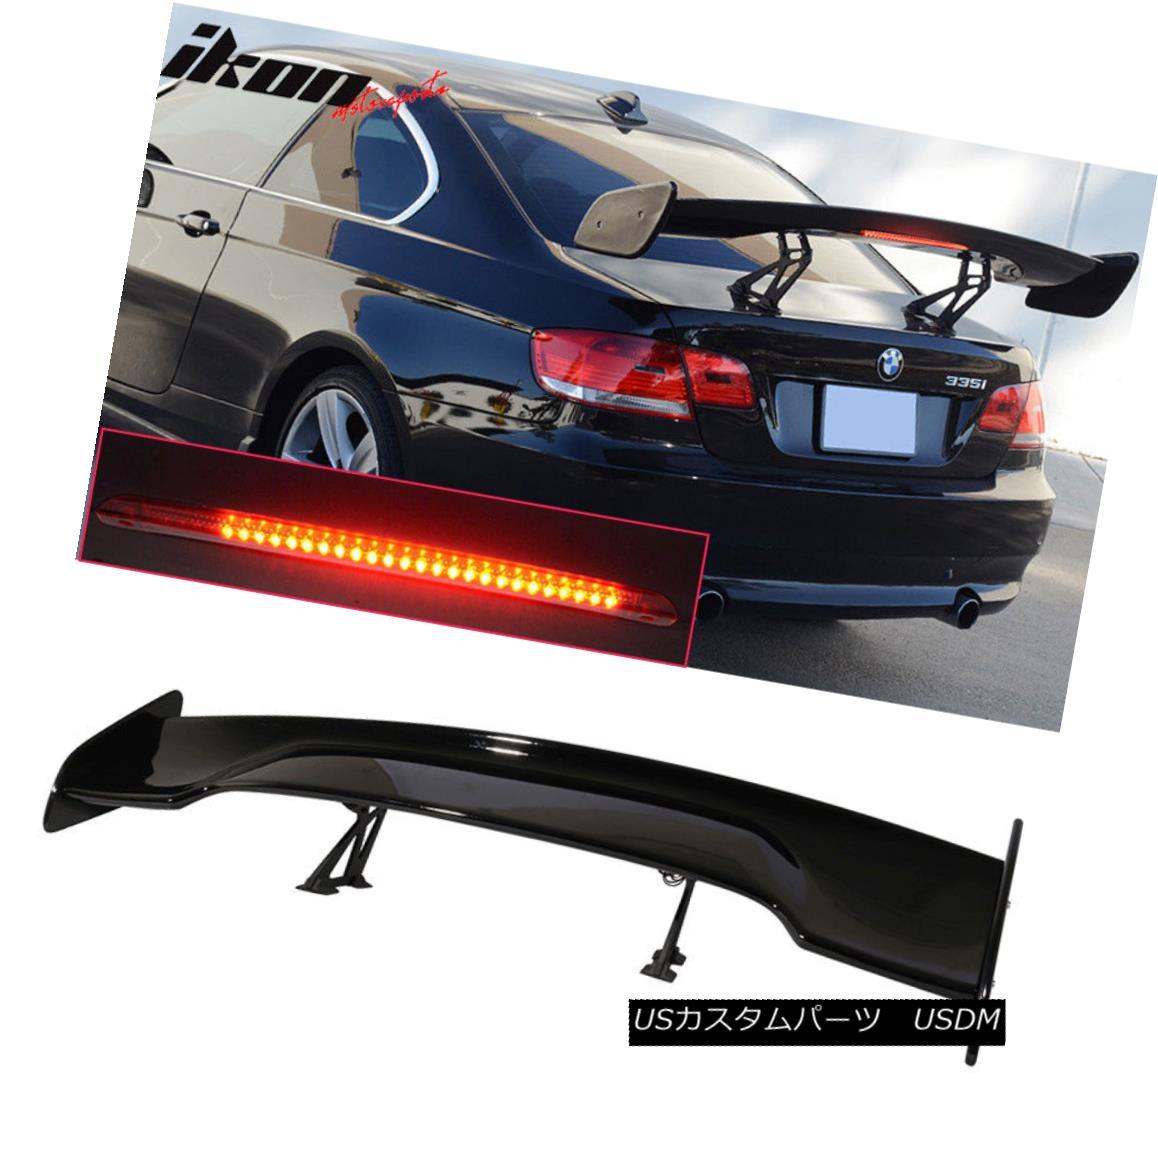 エアロパーツ Universal 57 Inch GT Trunk Spoiler Wing & LED Brake Light Gloss Black ABS ユニバーサル57インチGTトランク・スポイラー・ウィング& LEDブレーキライトグロスブラックABS